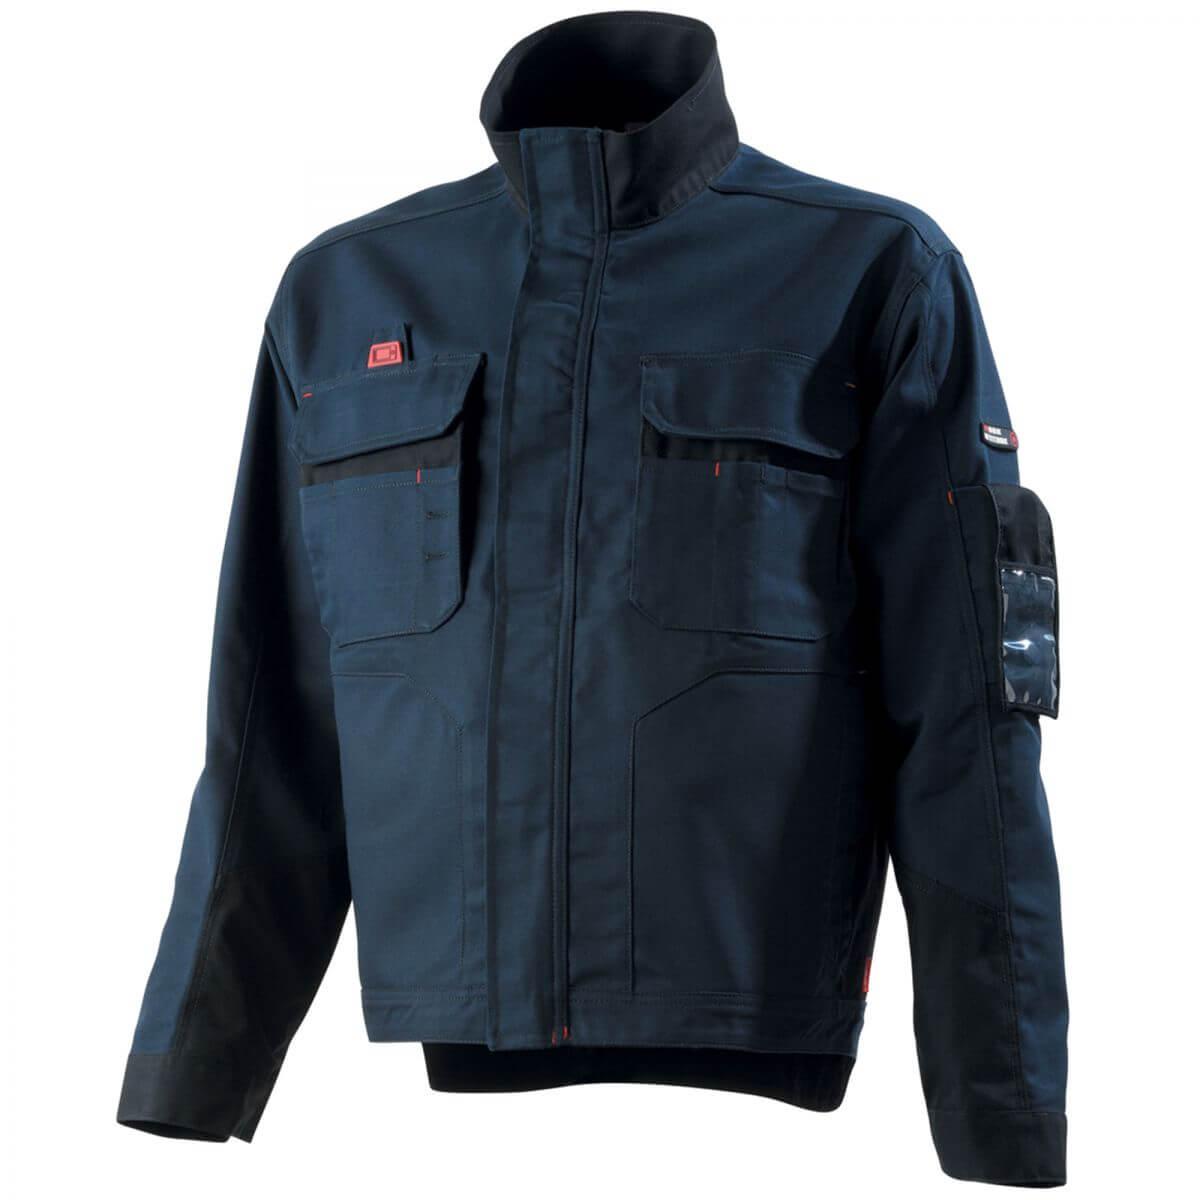 veste de travail homme bleu marine et noir adolphe lafont vestes et blousons de travail. Black Bedroom Furniture Sets. Home Design Ideas